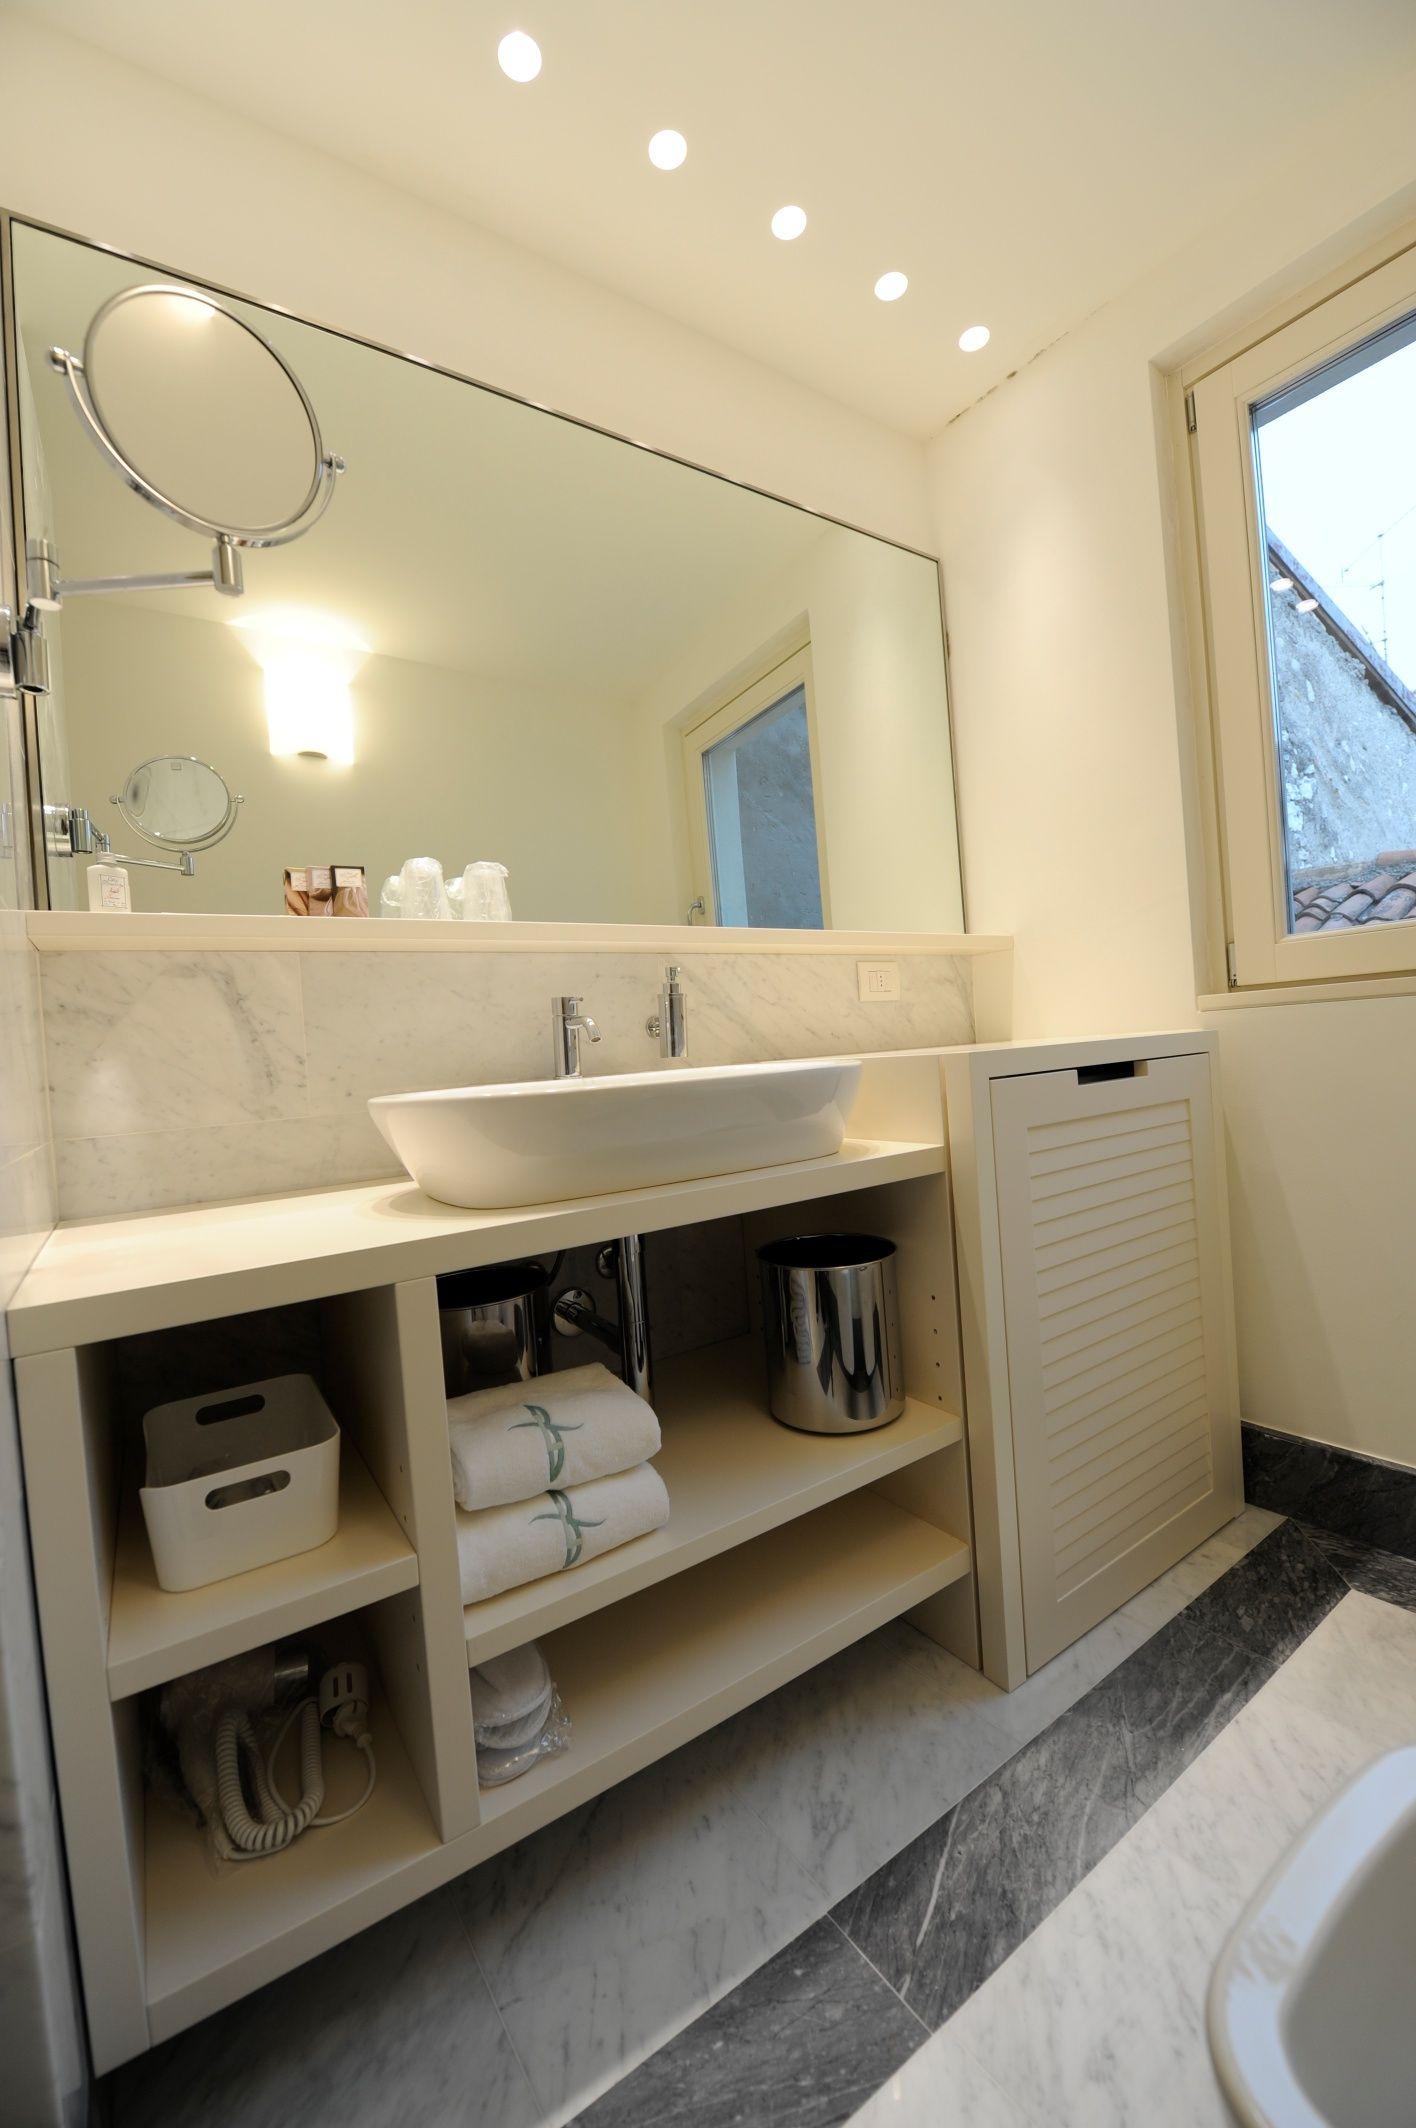 specchio bagno incassato - Cerca con Google  bagni  Pinterest